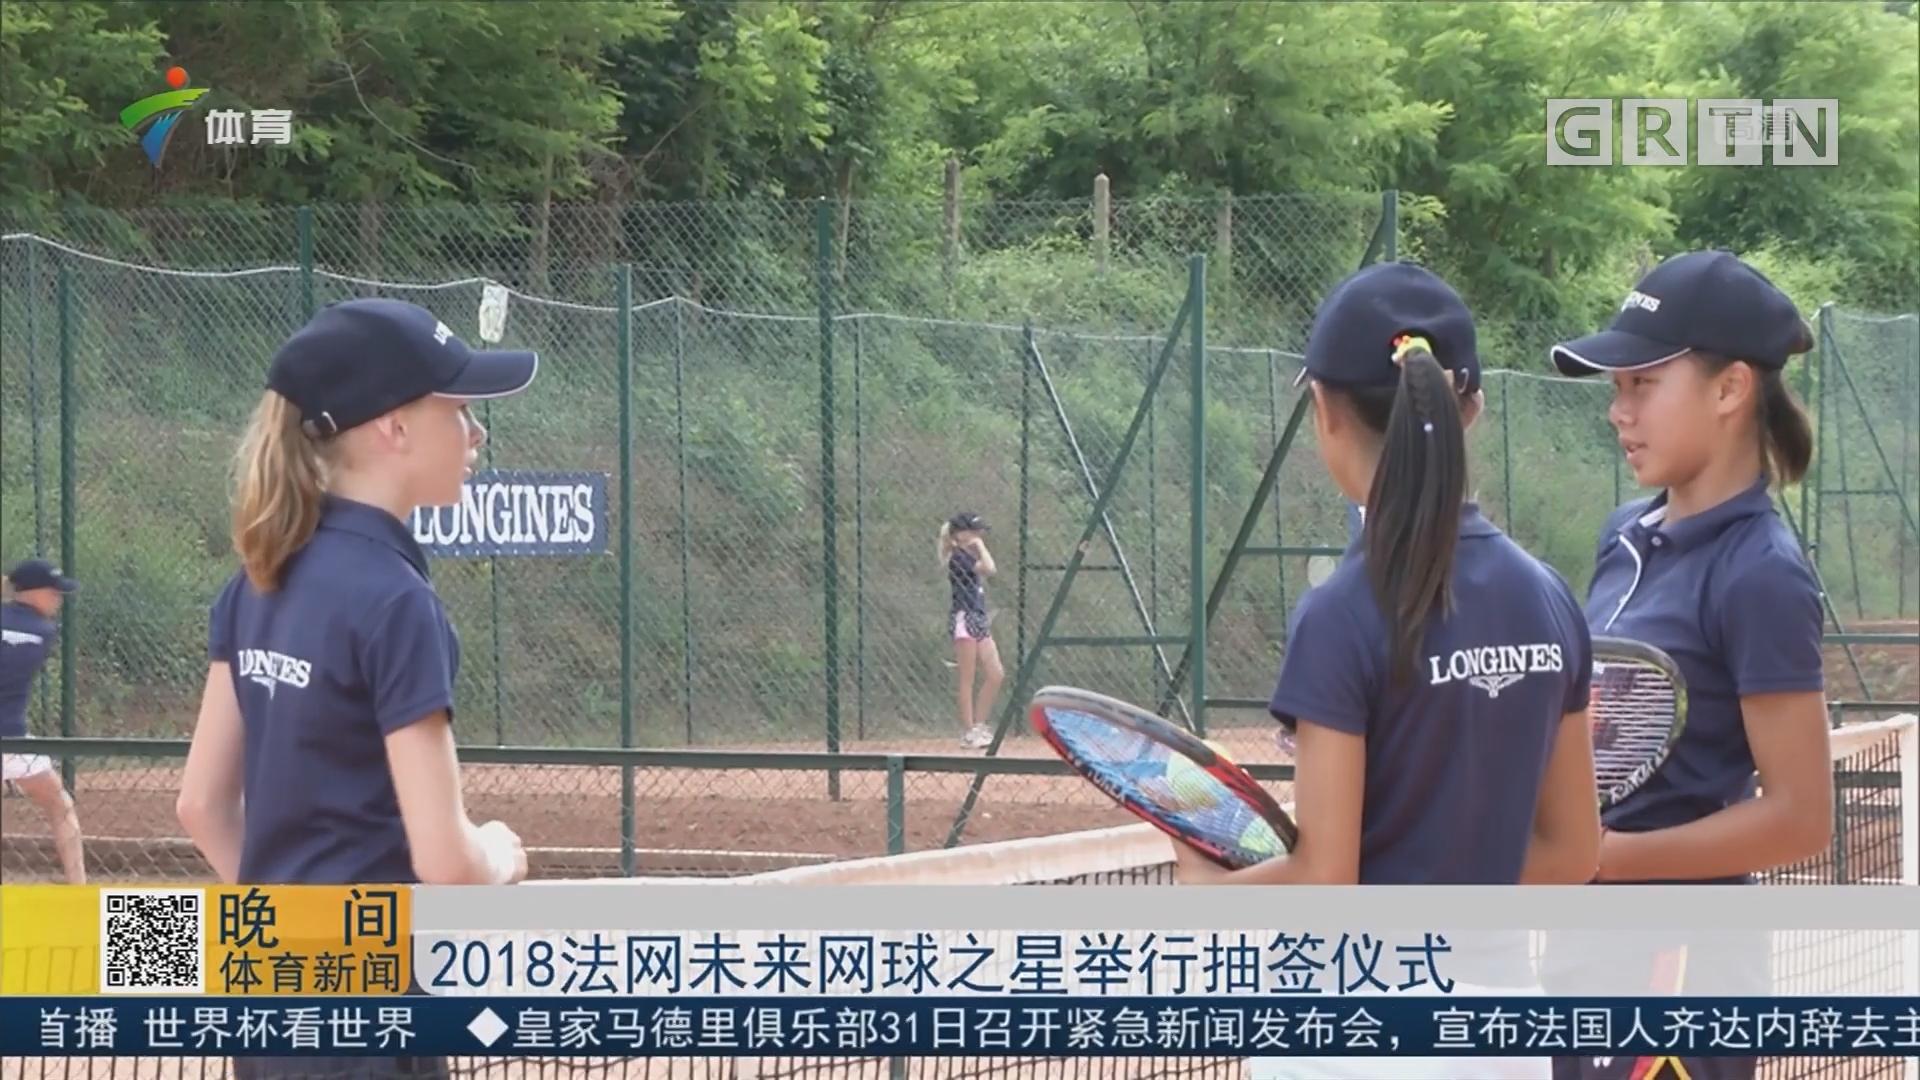 2018法网未来网球之星举行抽签仪式